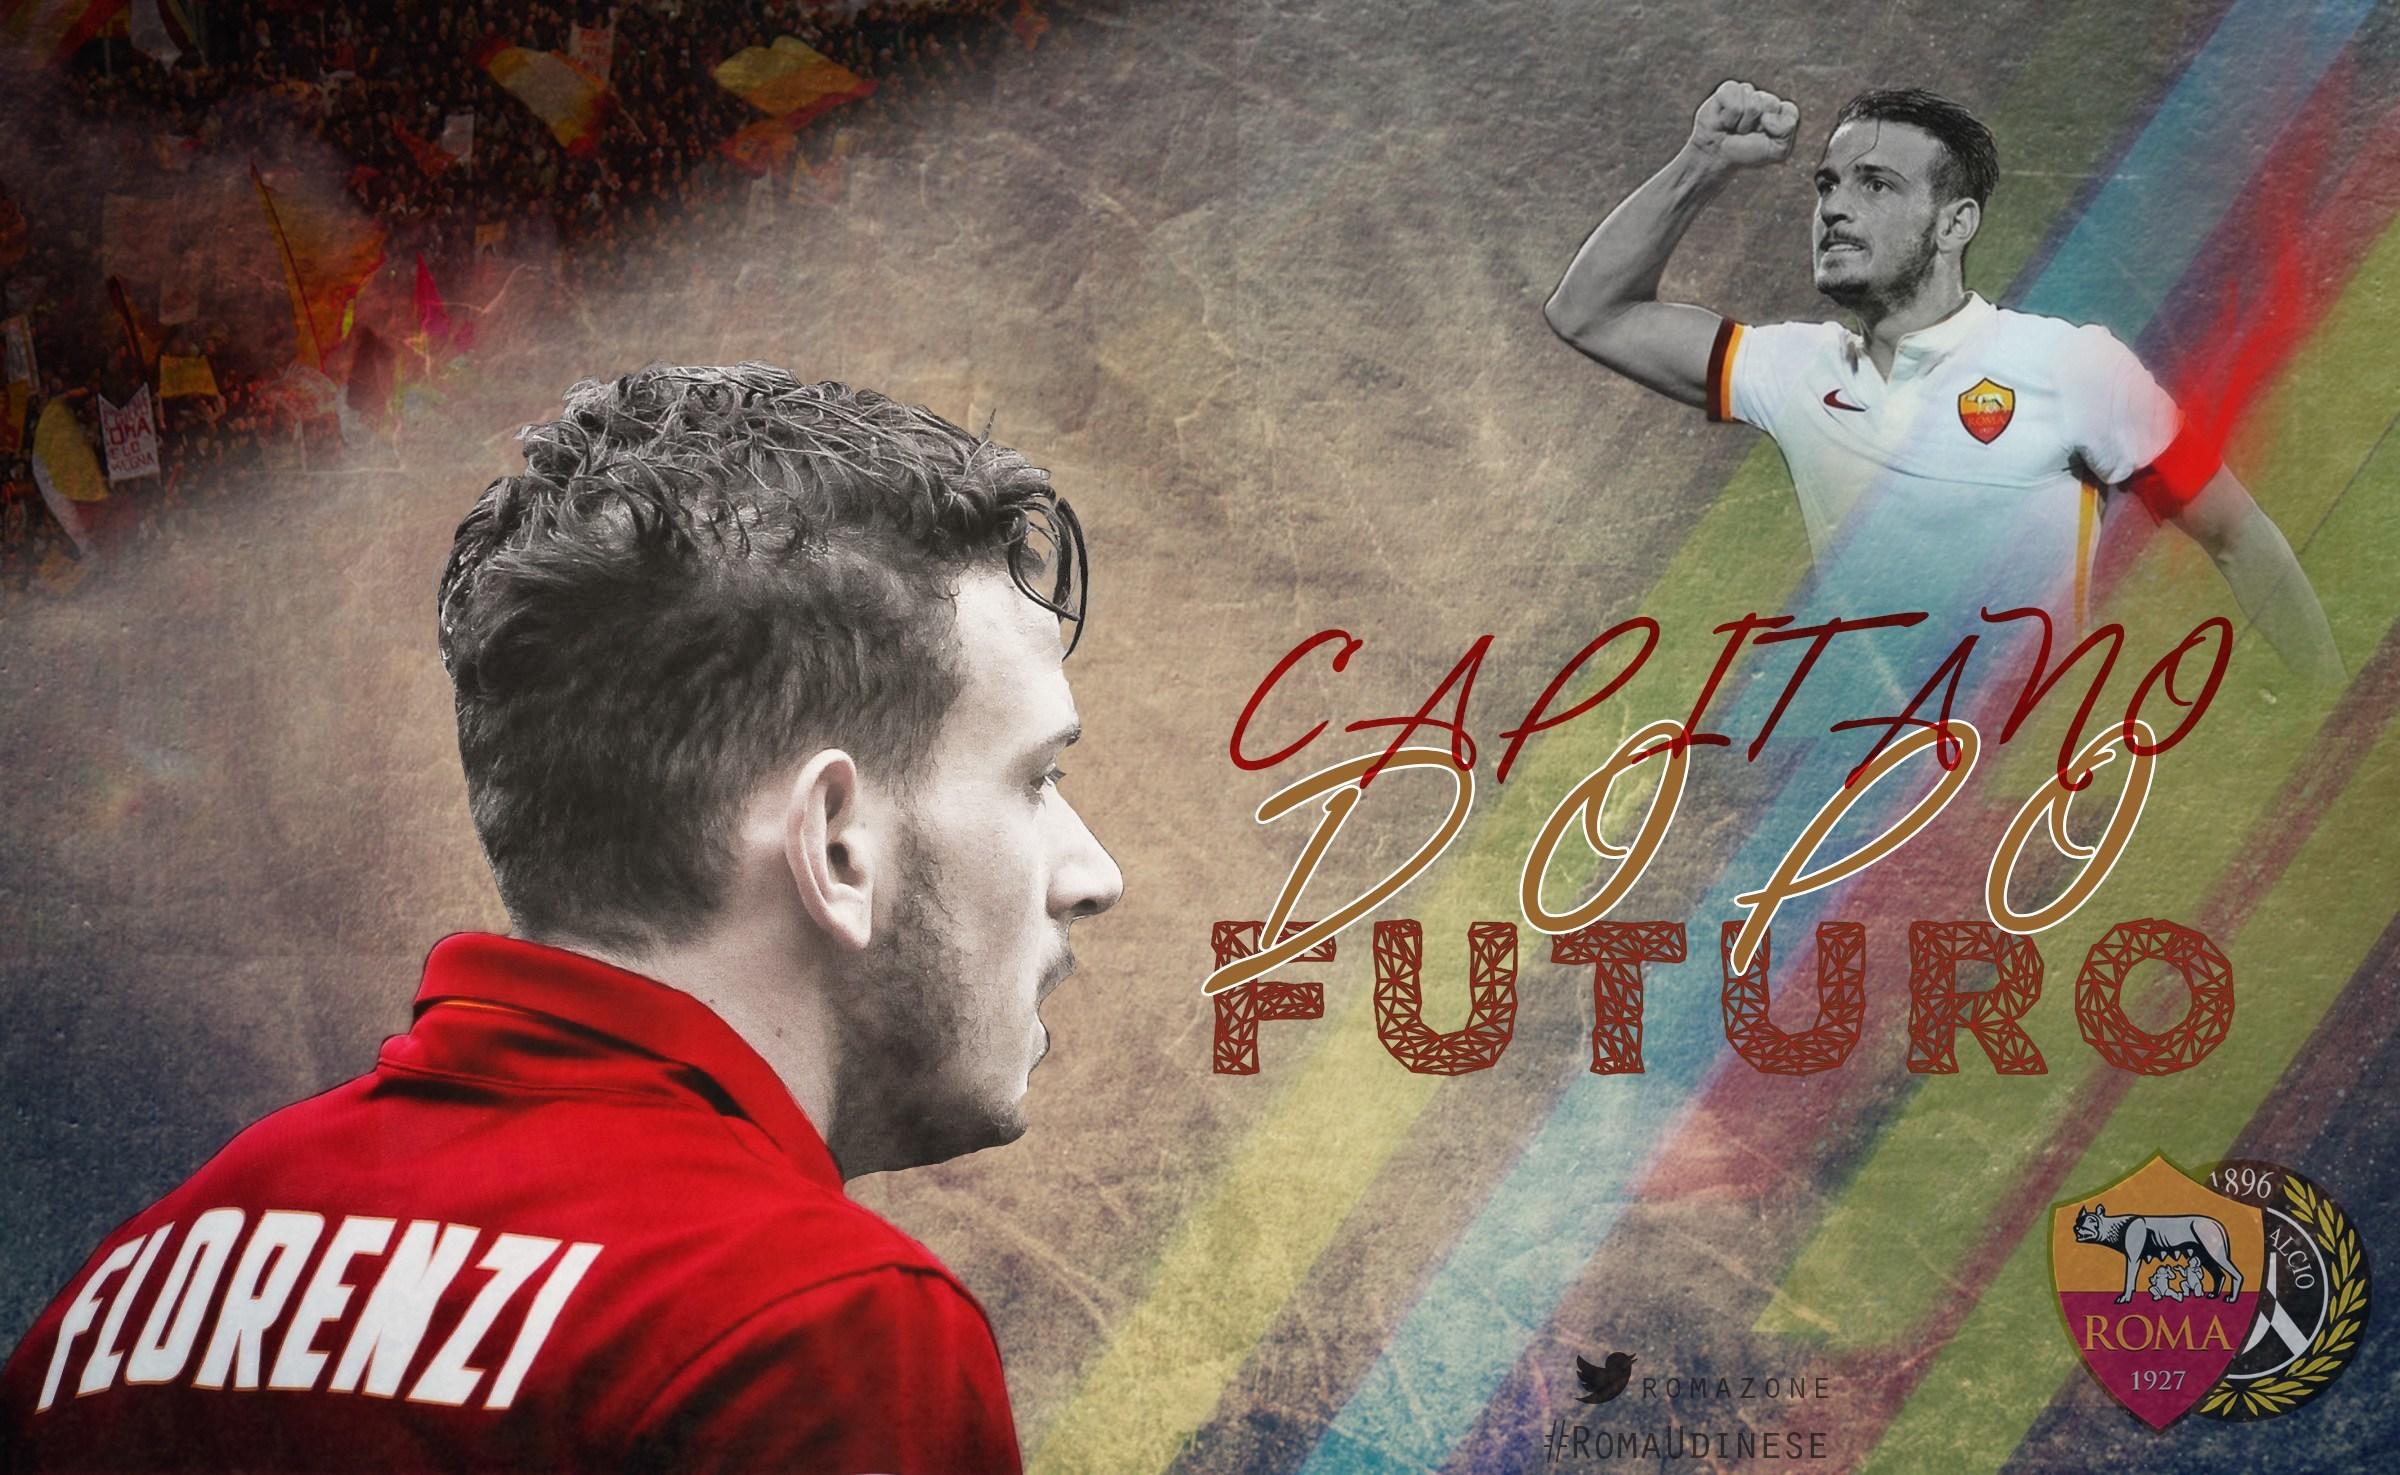 capitano dopo futuro